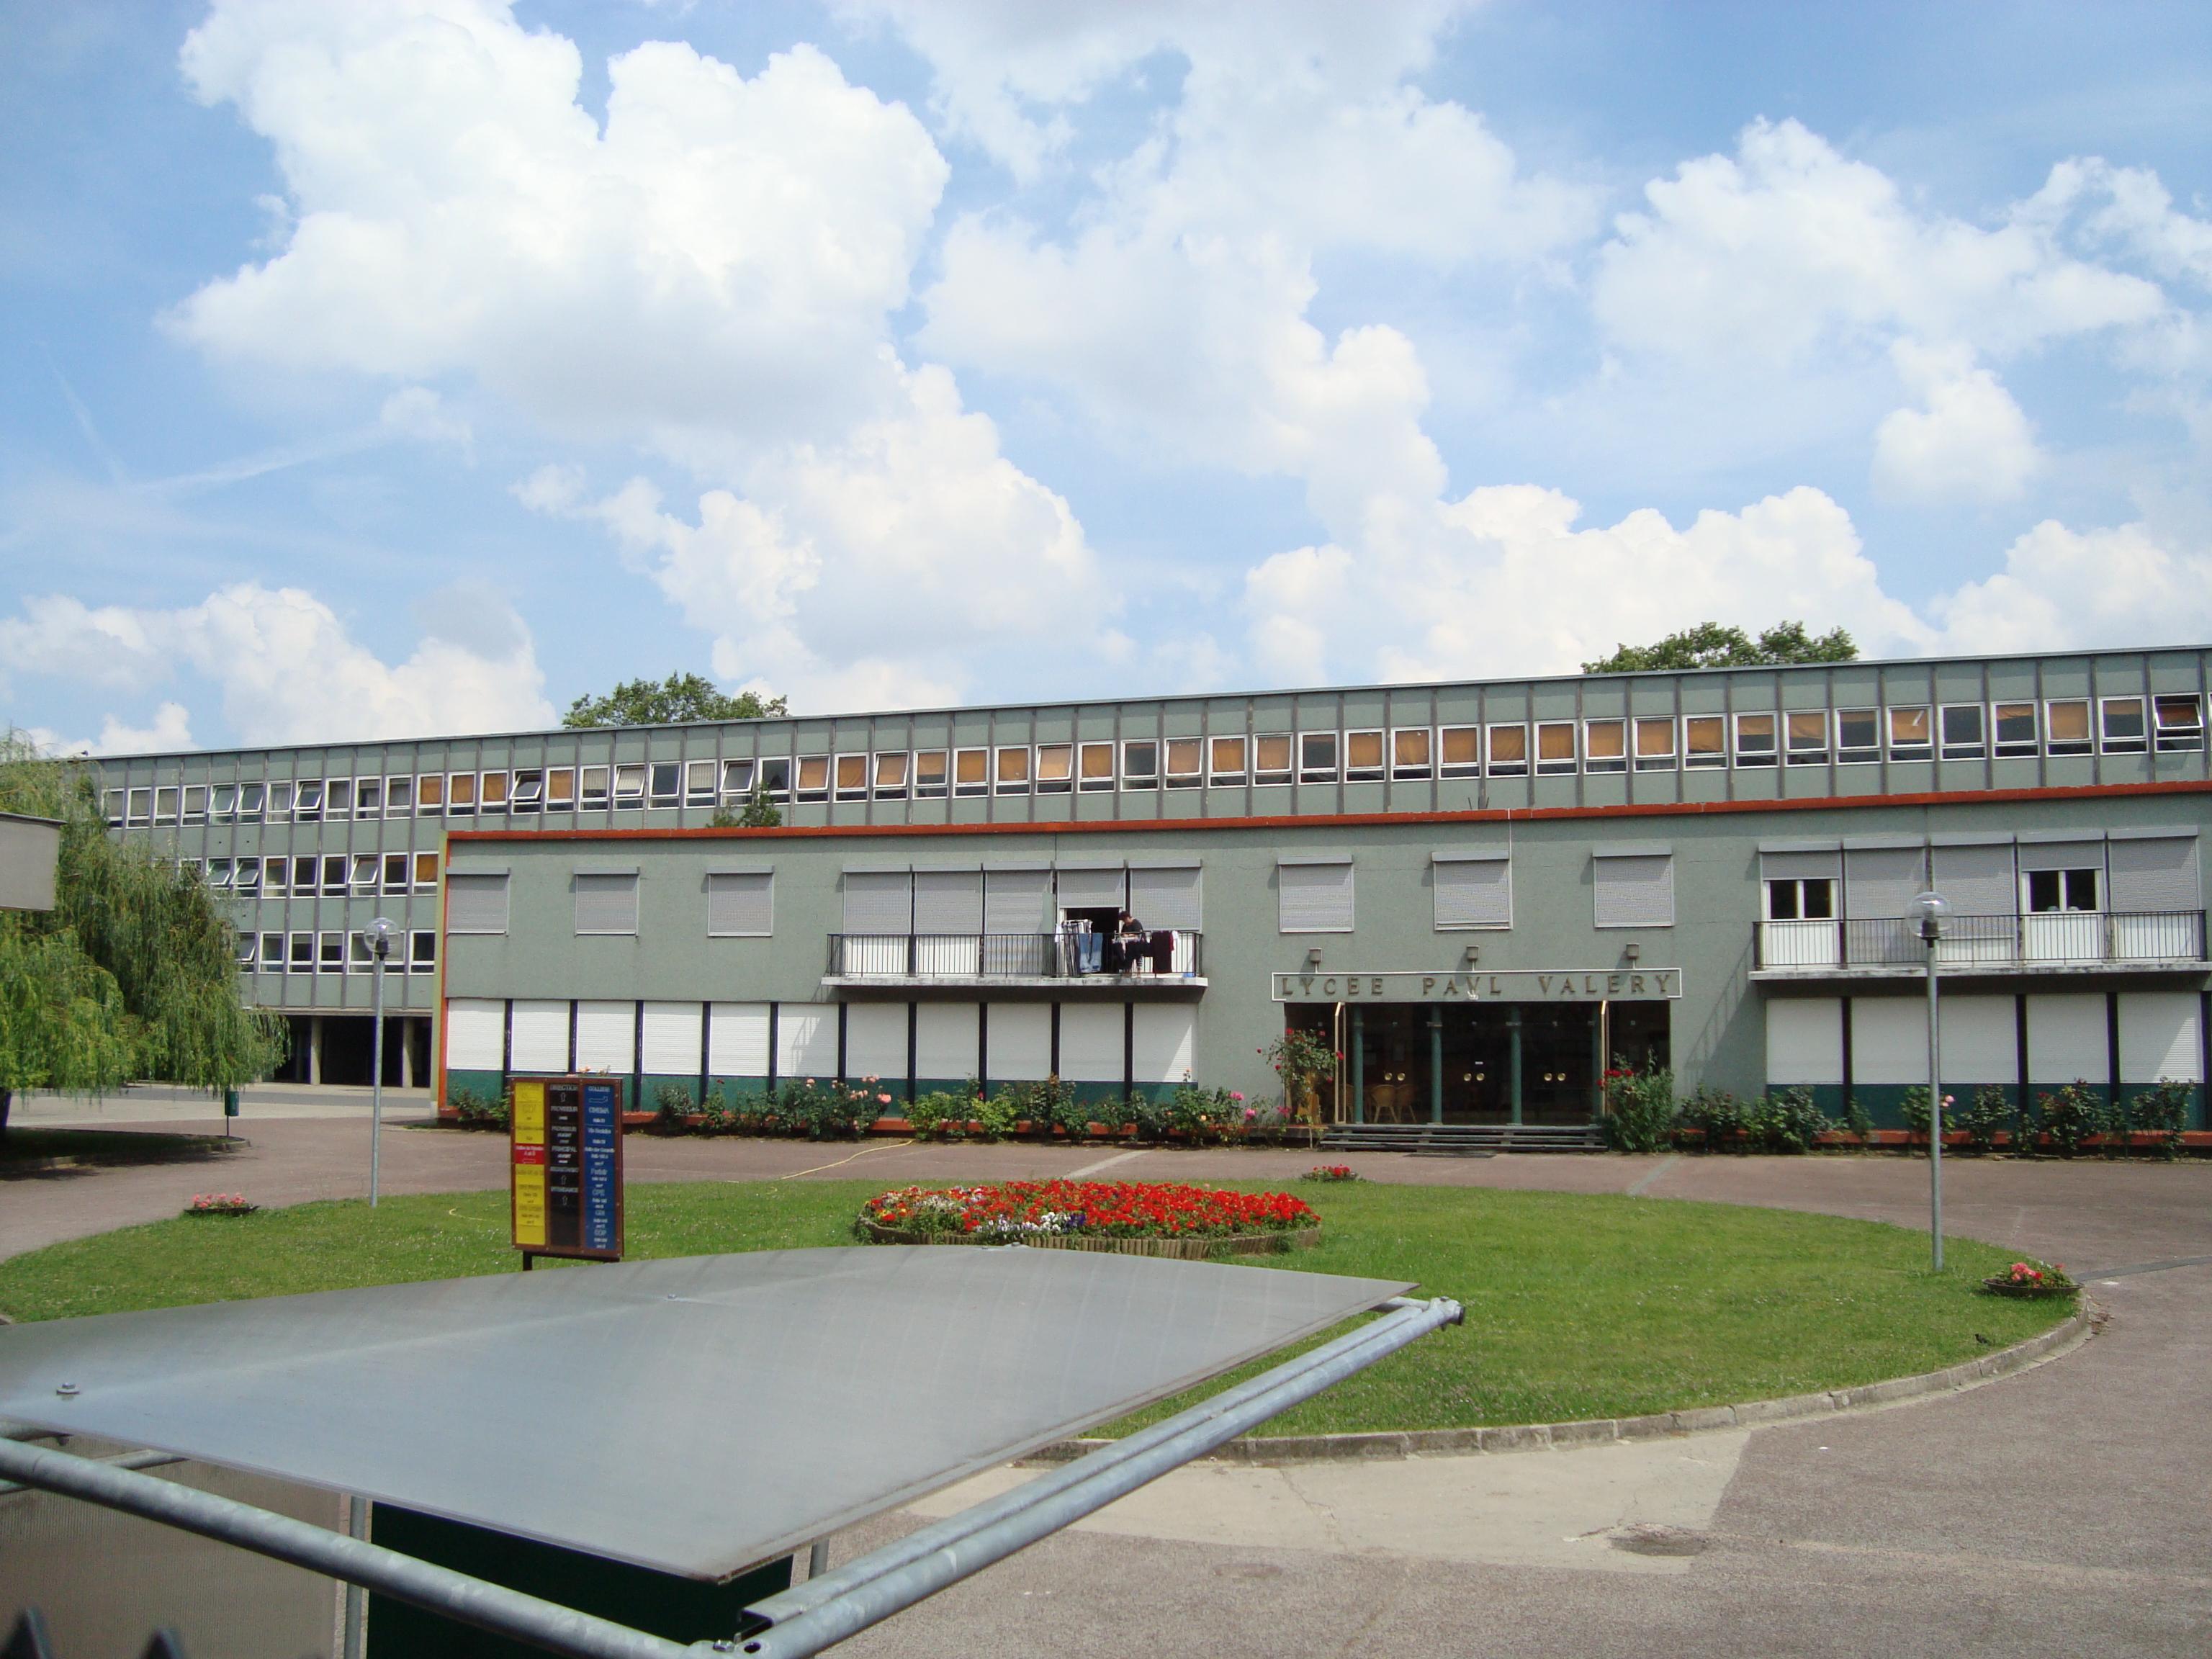 Lycée Paul Valéry Paris Wikipedia